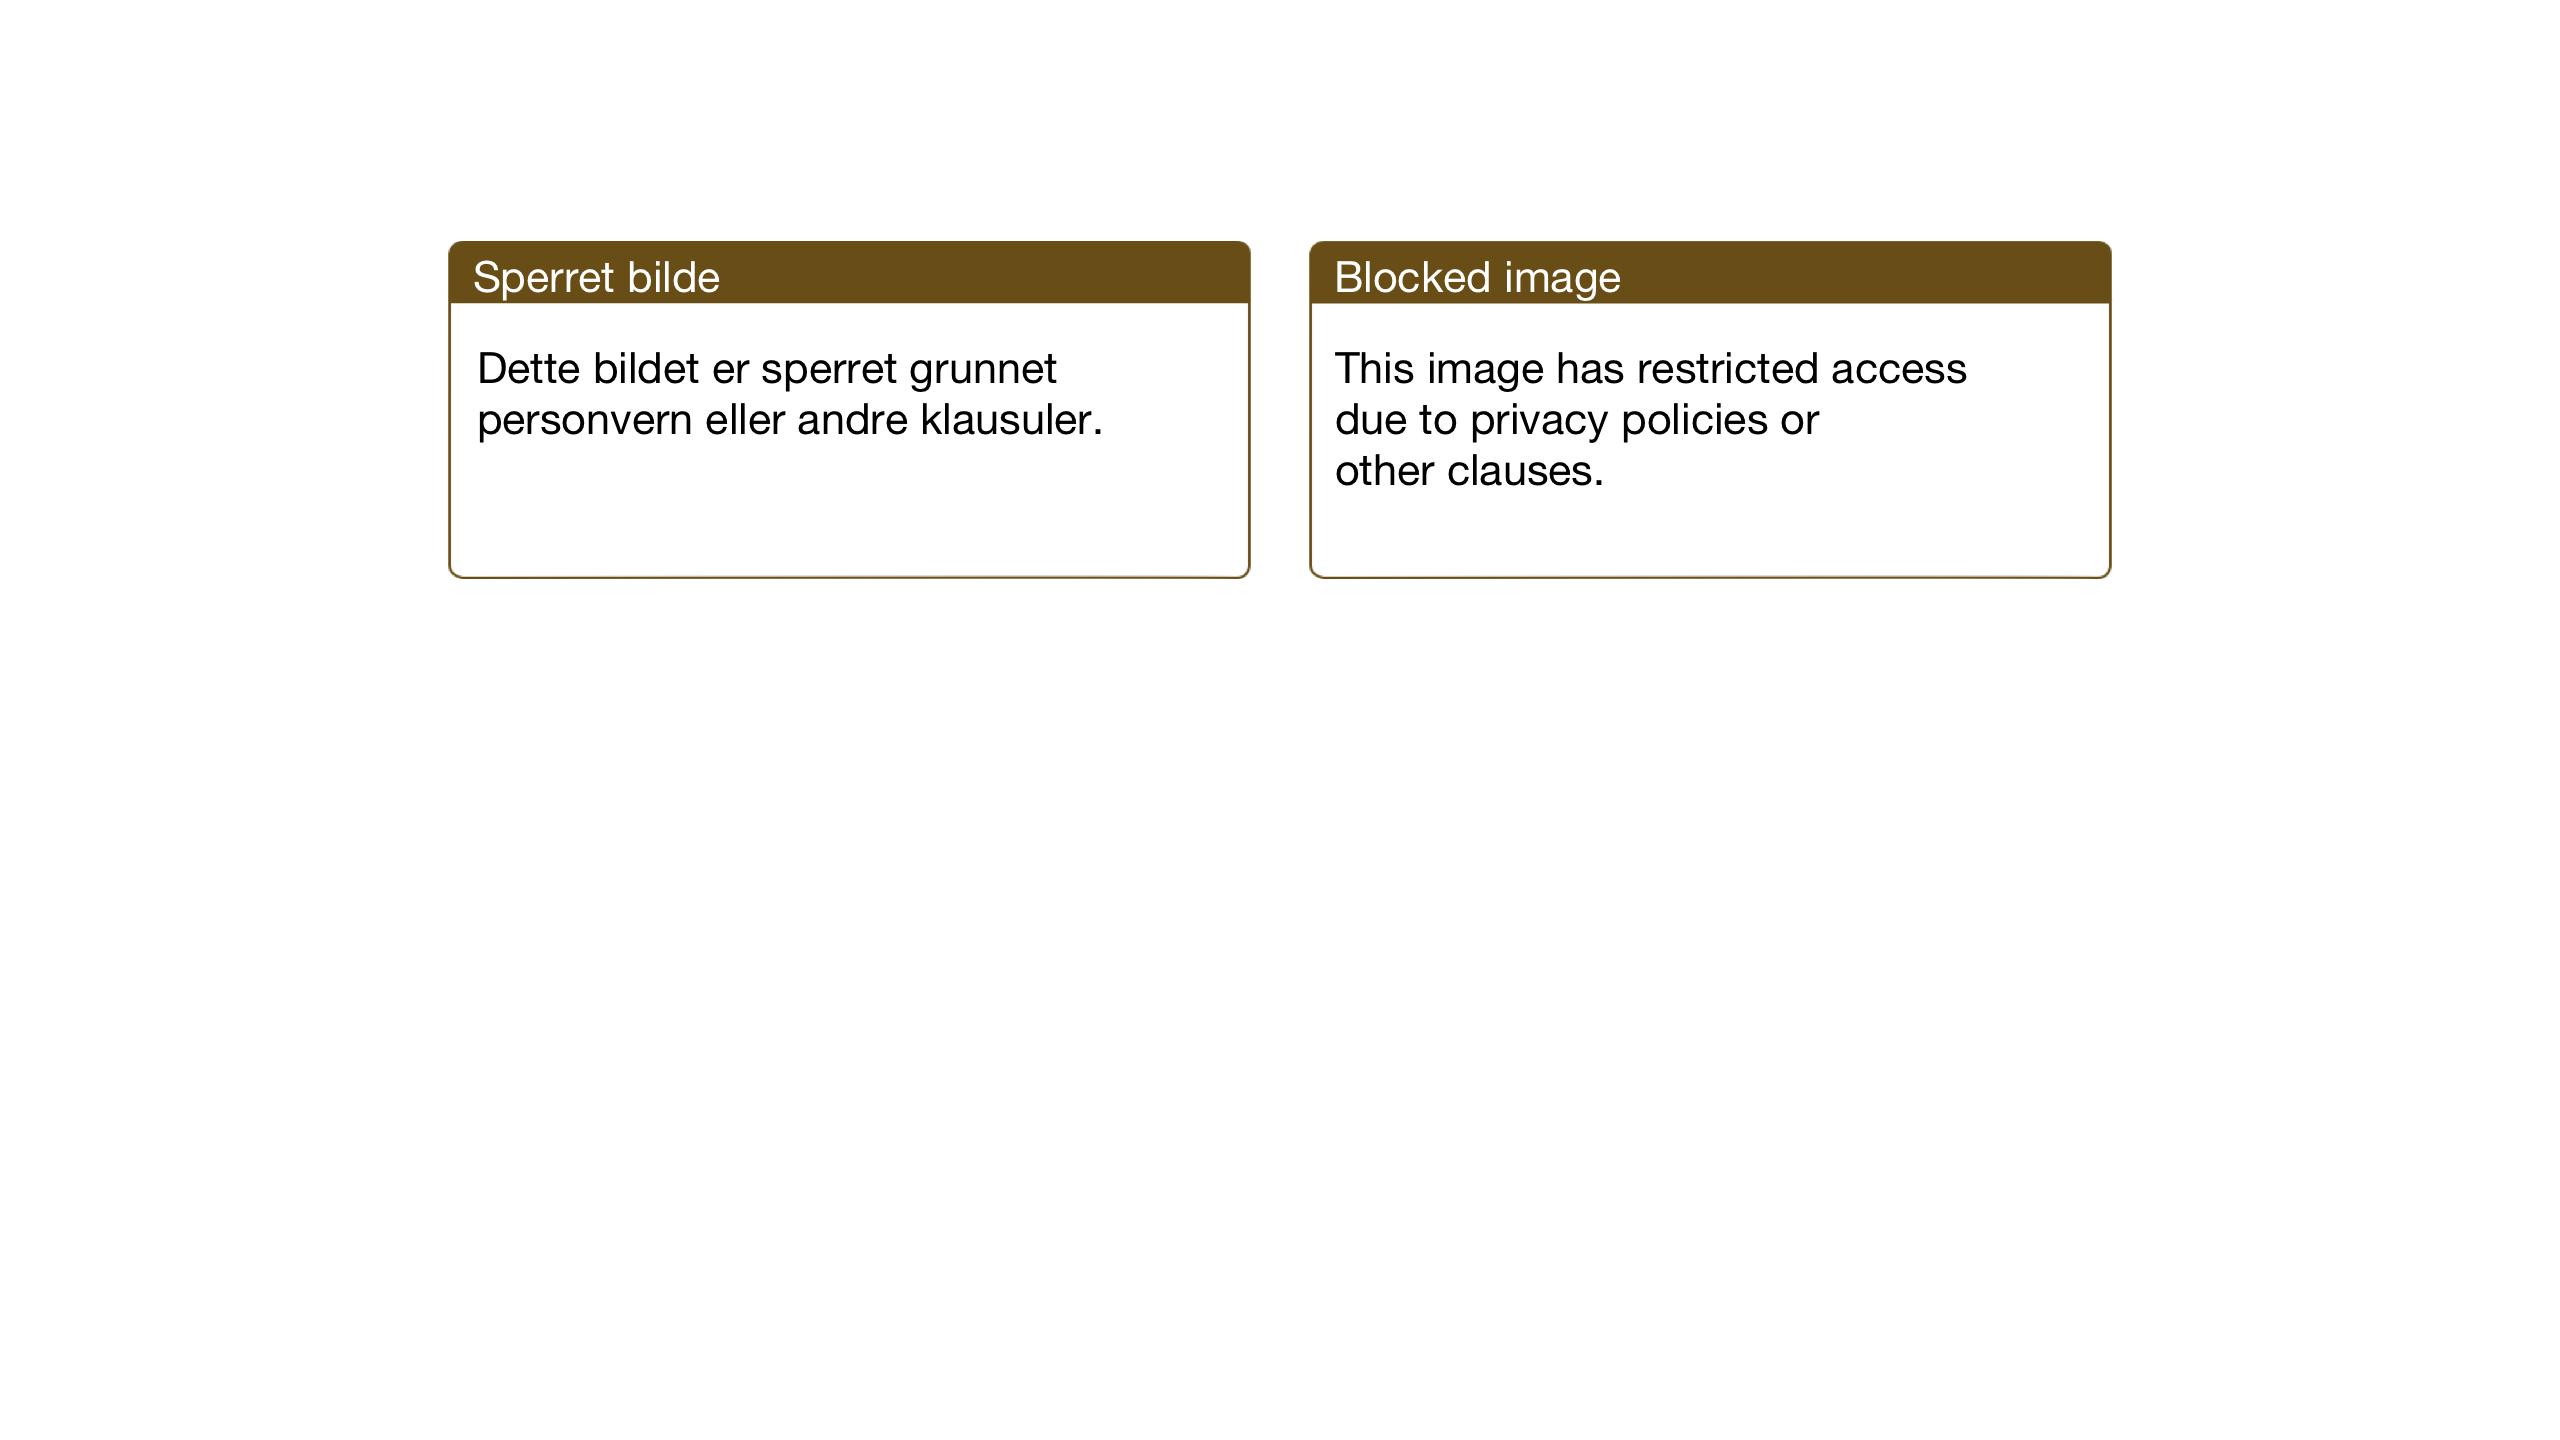 SAT, Ministerialprotokoller, klokkerbøker og fødselsregistre - Sør-Trøndelag, 608/L0342: Klokkerbok nr. 608C08, 1912-1938, s. 33